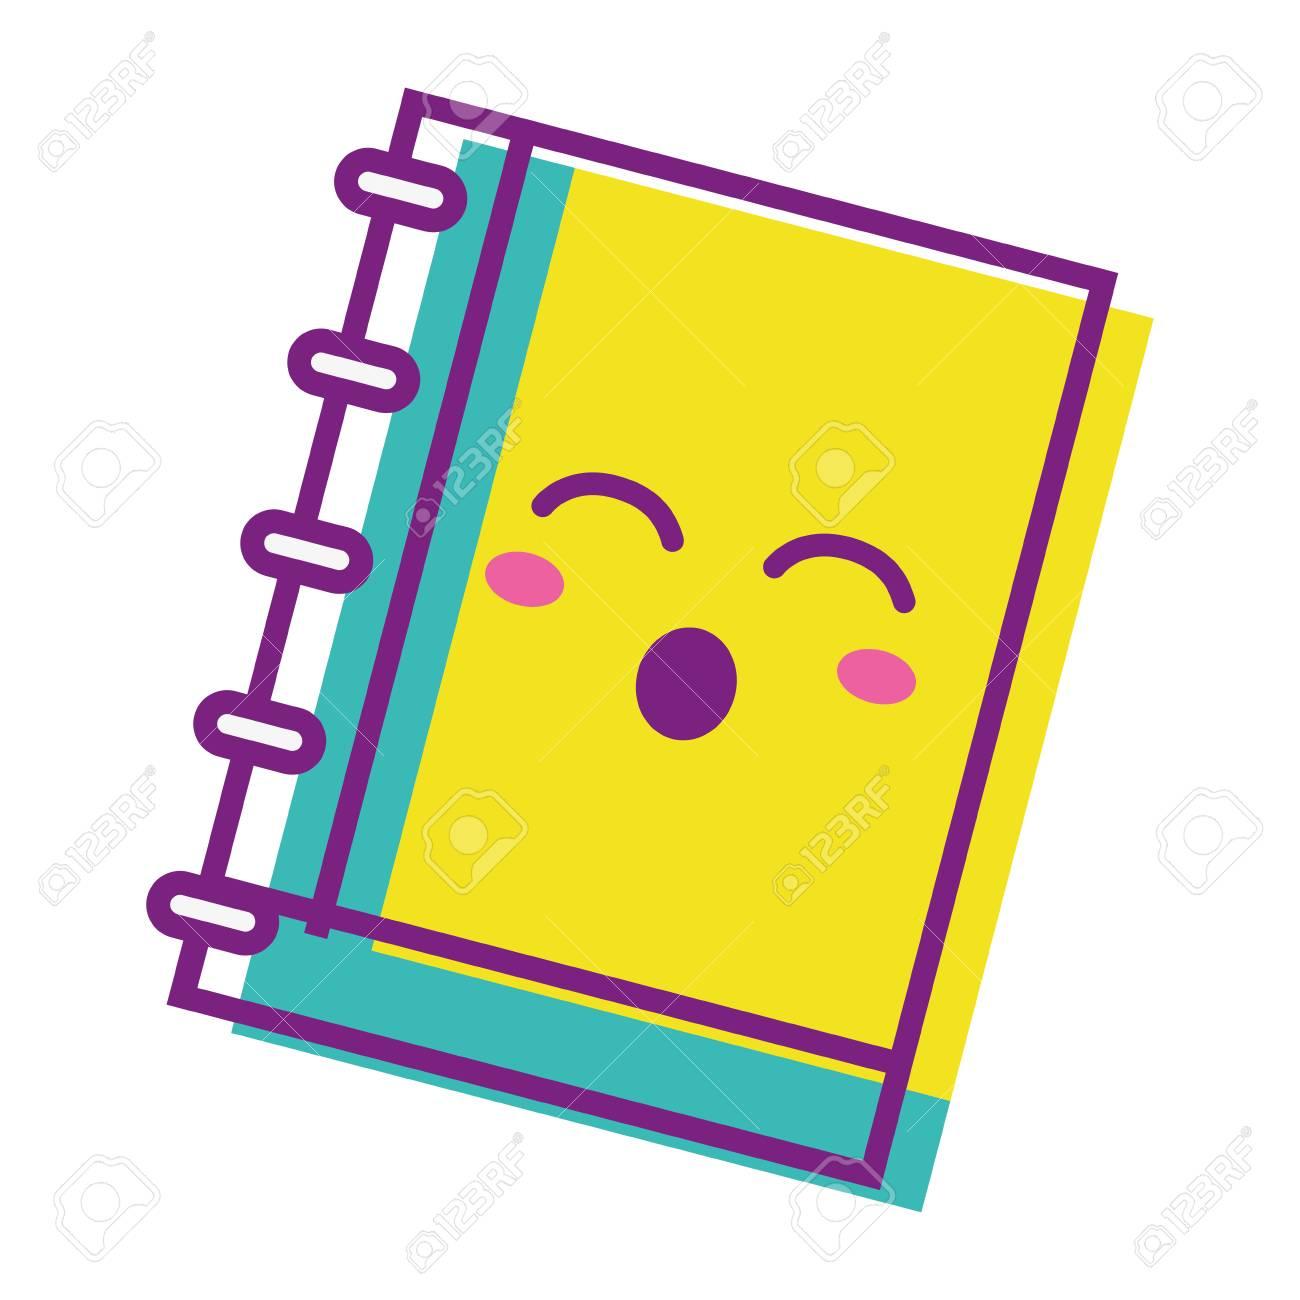 Kawaii Mignon Outil De Cahier Drole Clip Art Libres De Droits Vecteurs Et Illustration Image 83422605